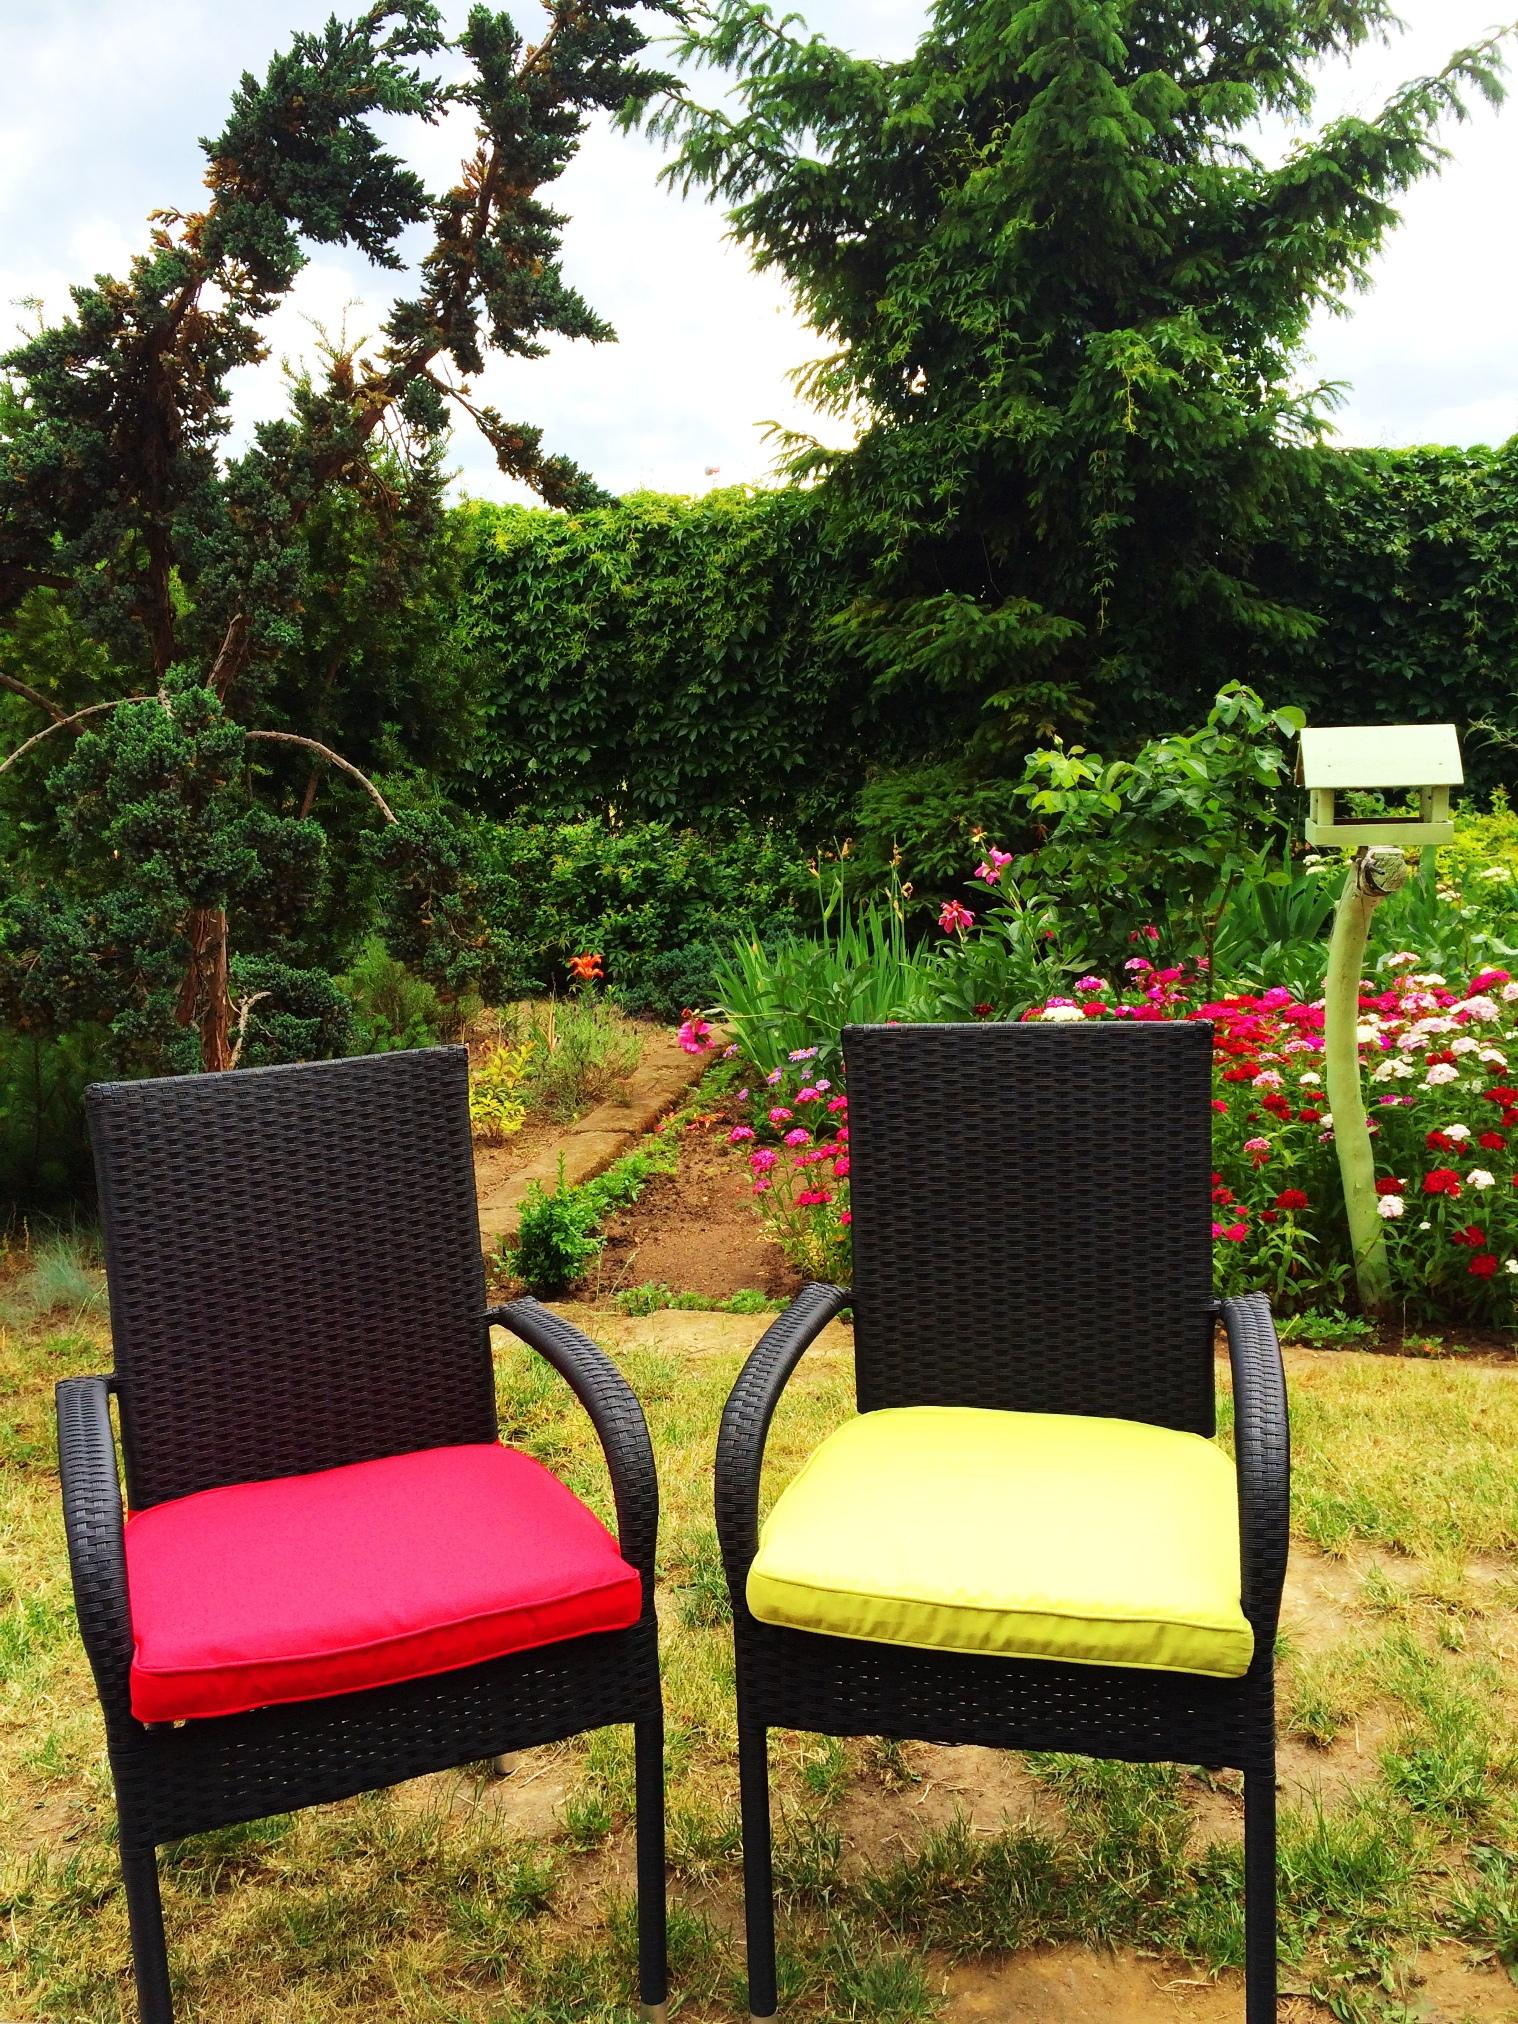 12 jysk metamorfozy projektowanie dekorowanie ogrodu garden party decorating ideas landscape design forelementspl jysk15lat jyskmetamorfozy